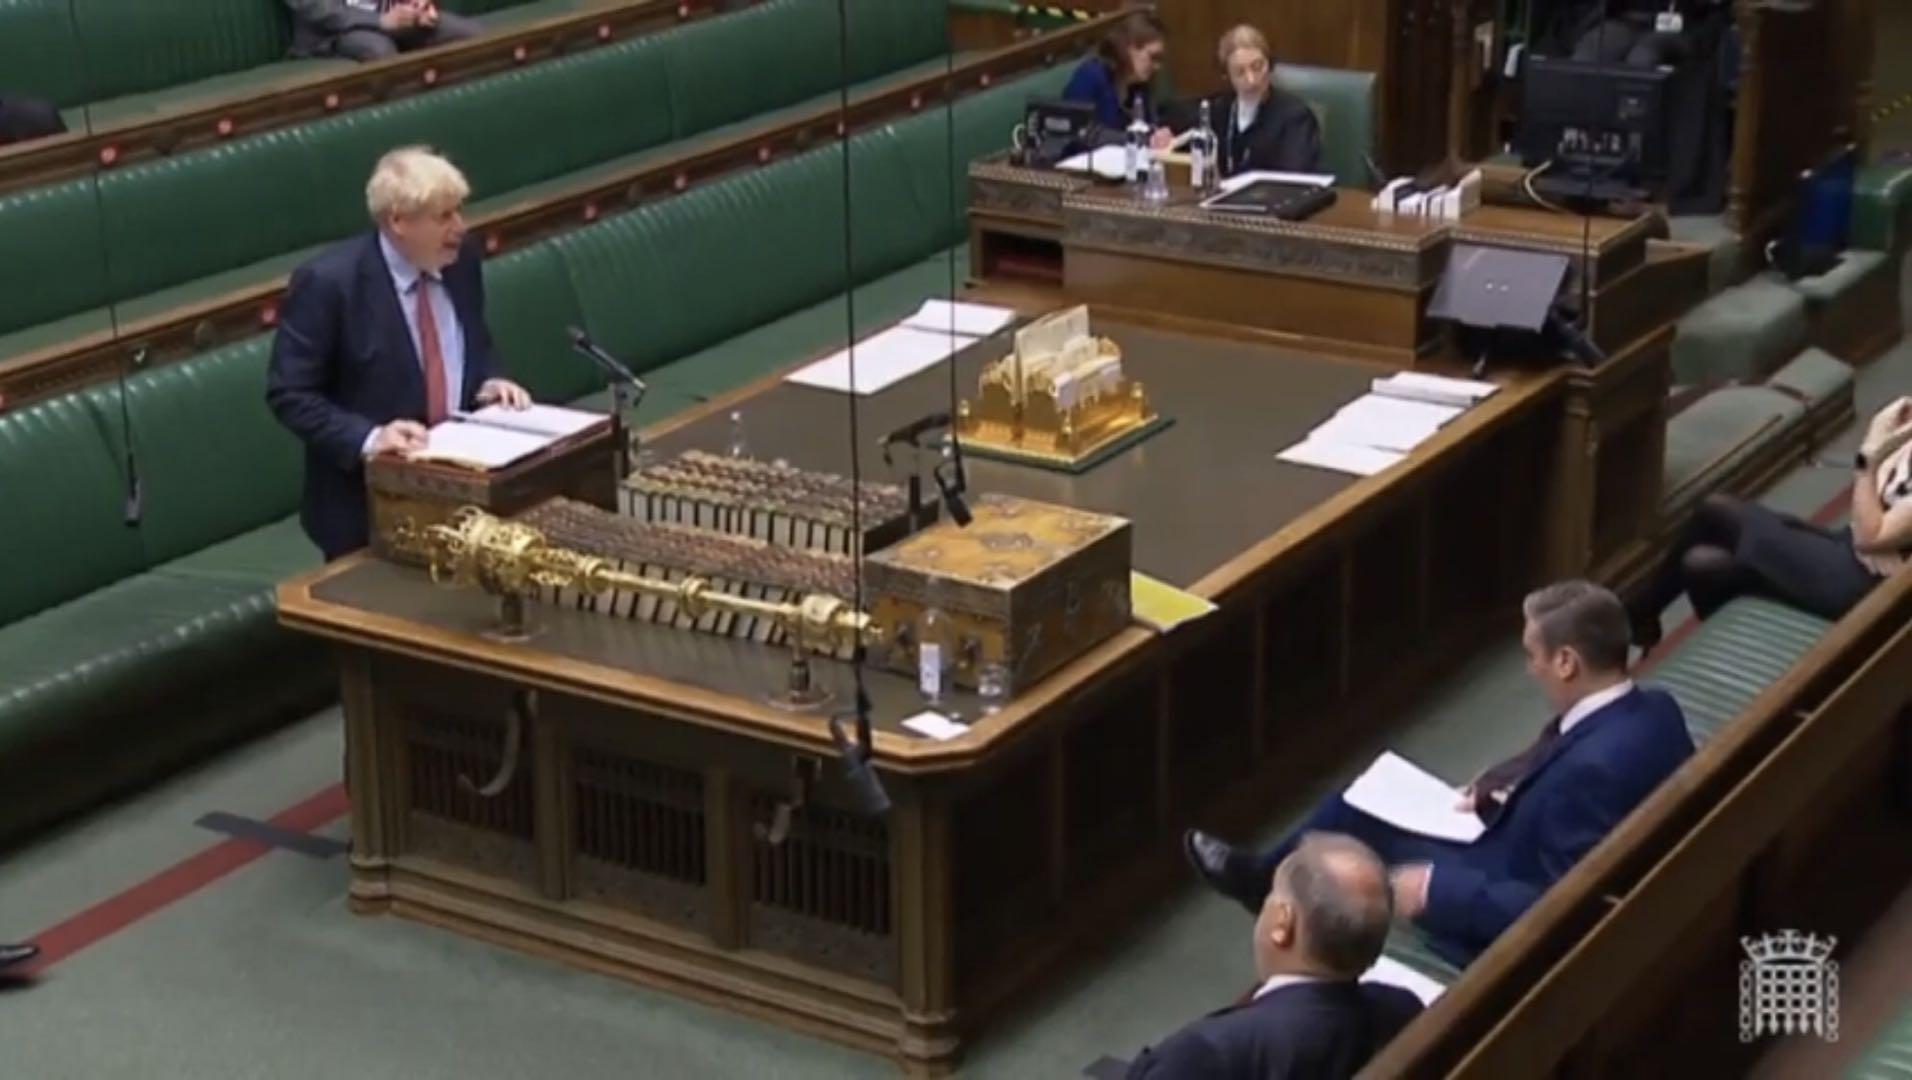 【程序员的出路】_英国首相承诺将对新冠疫情应对情况进行独立调查